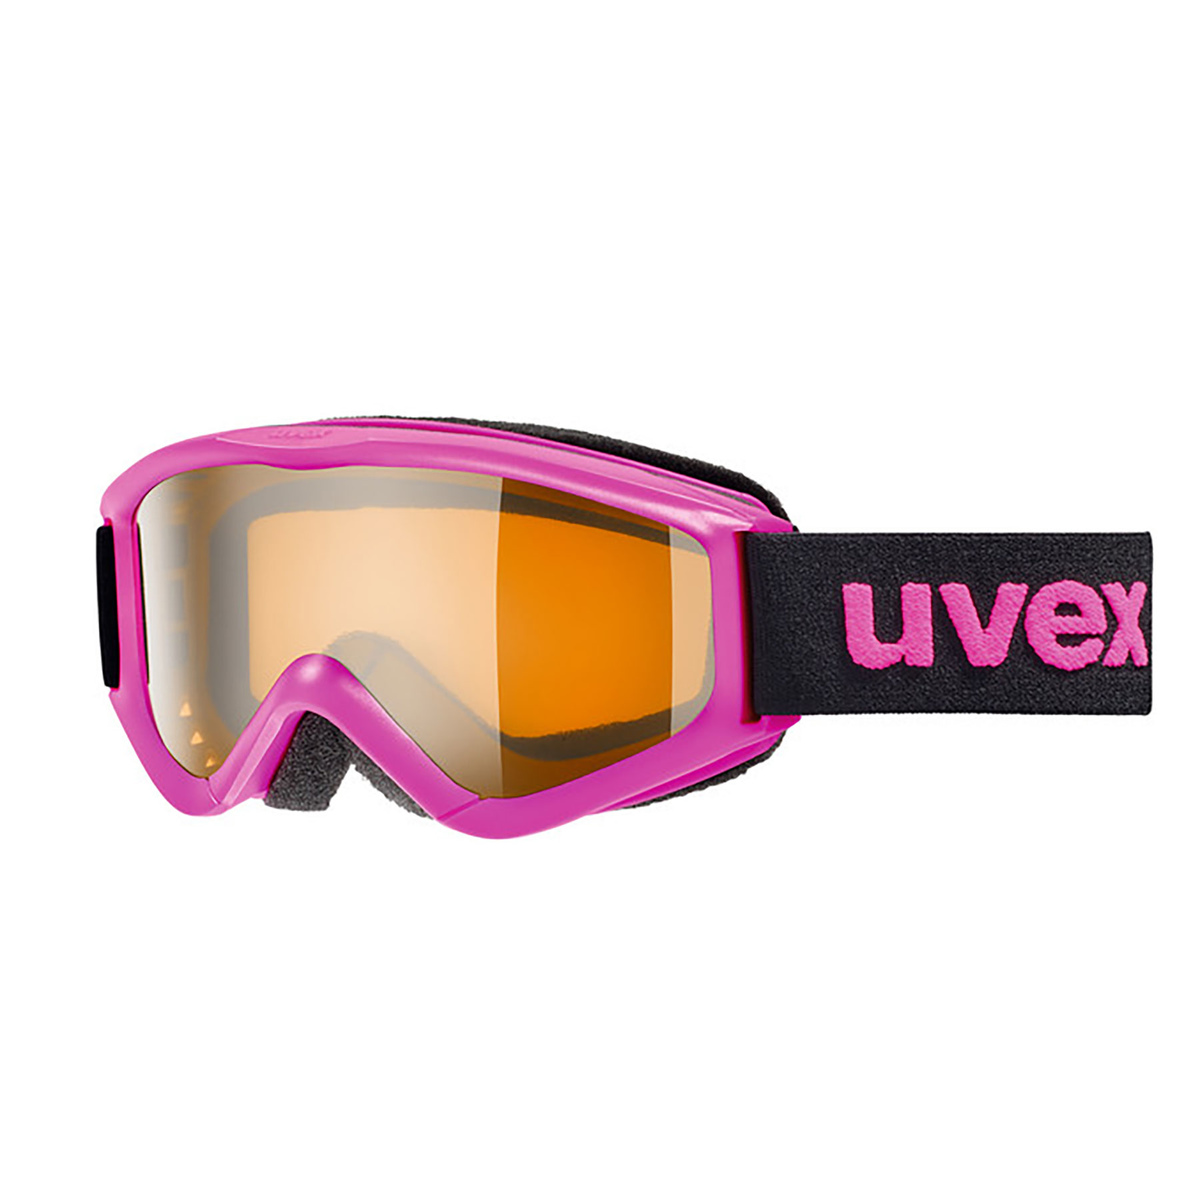 uvex maschera speedy pro bambina